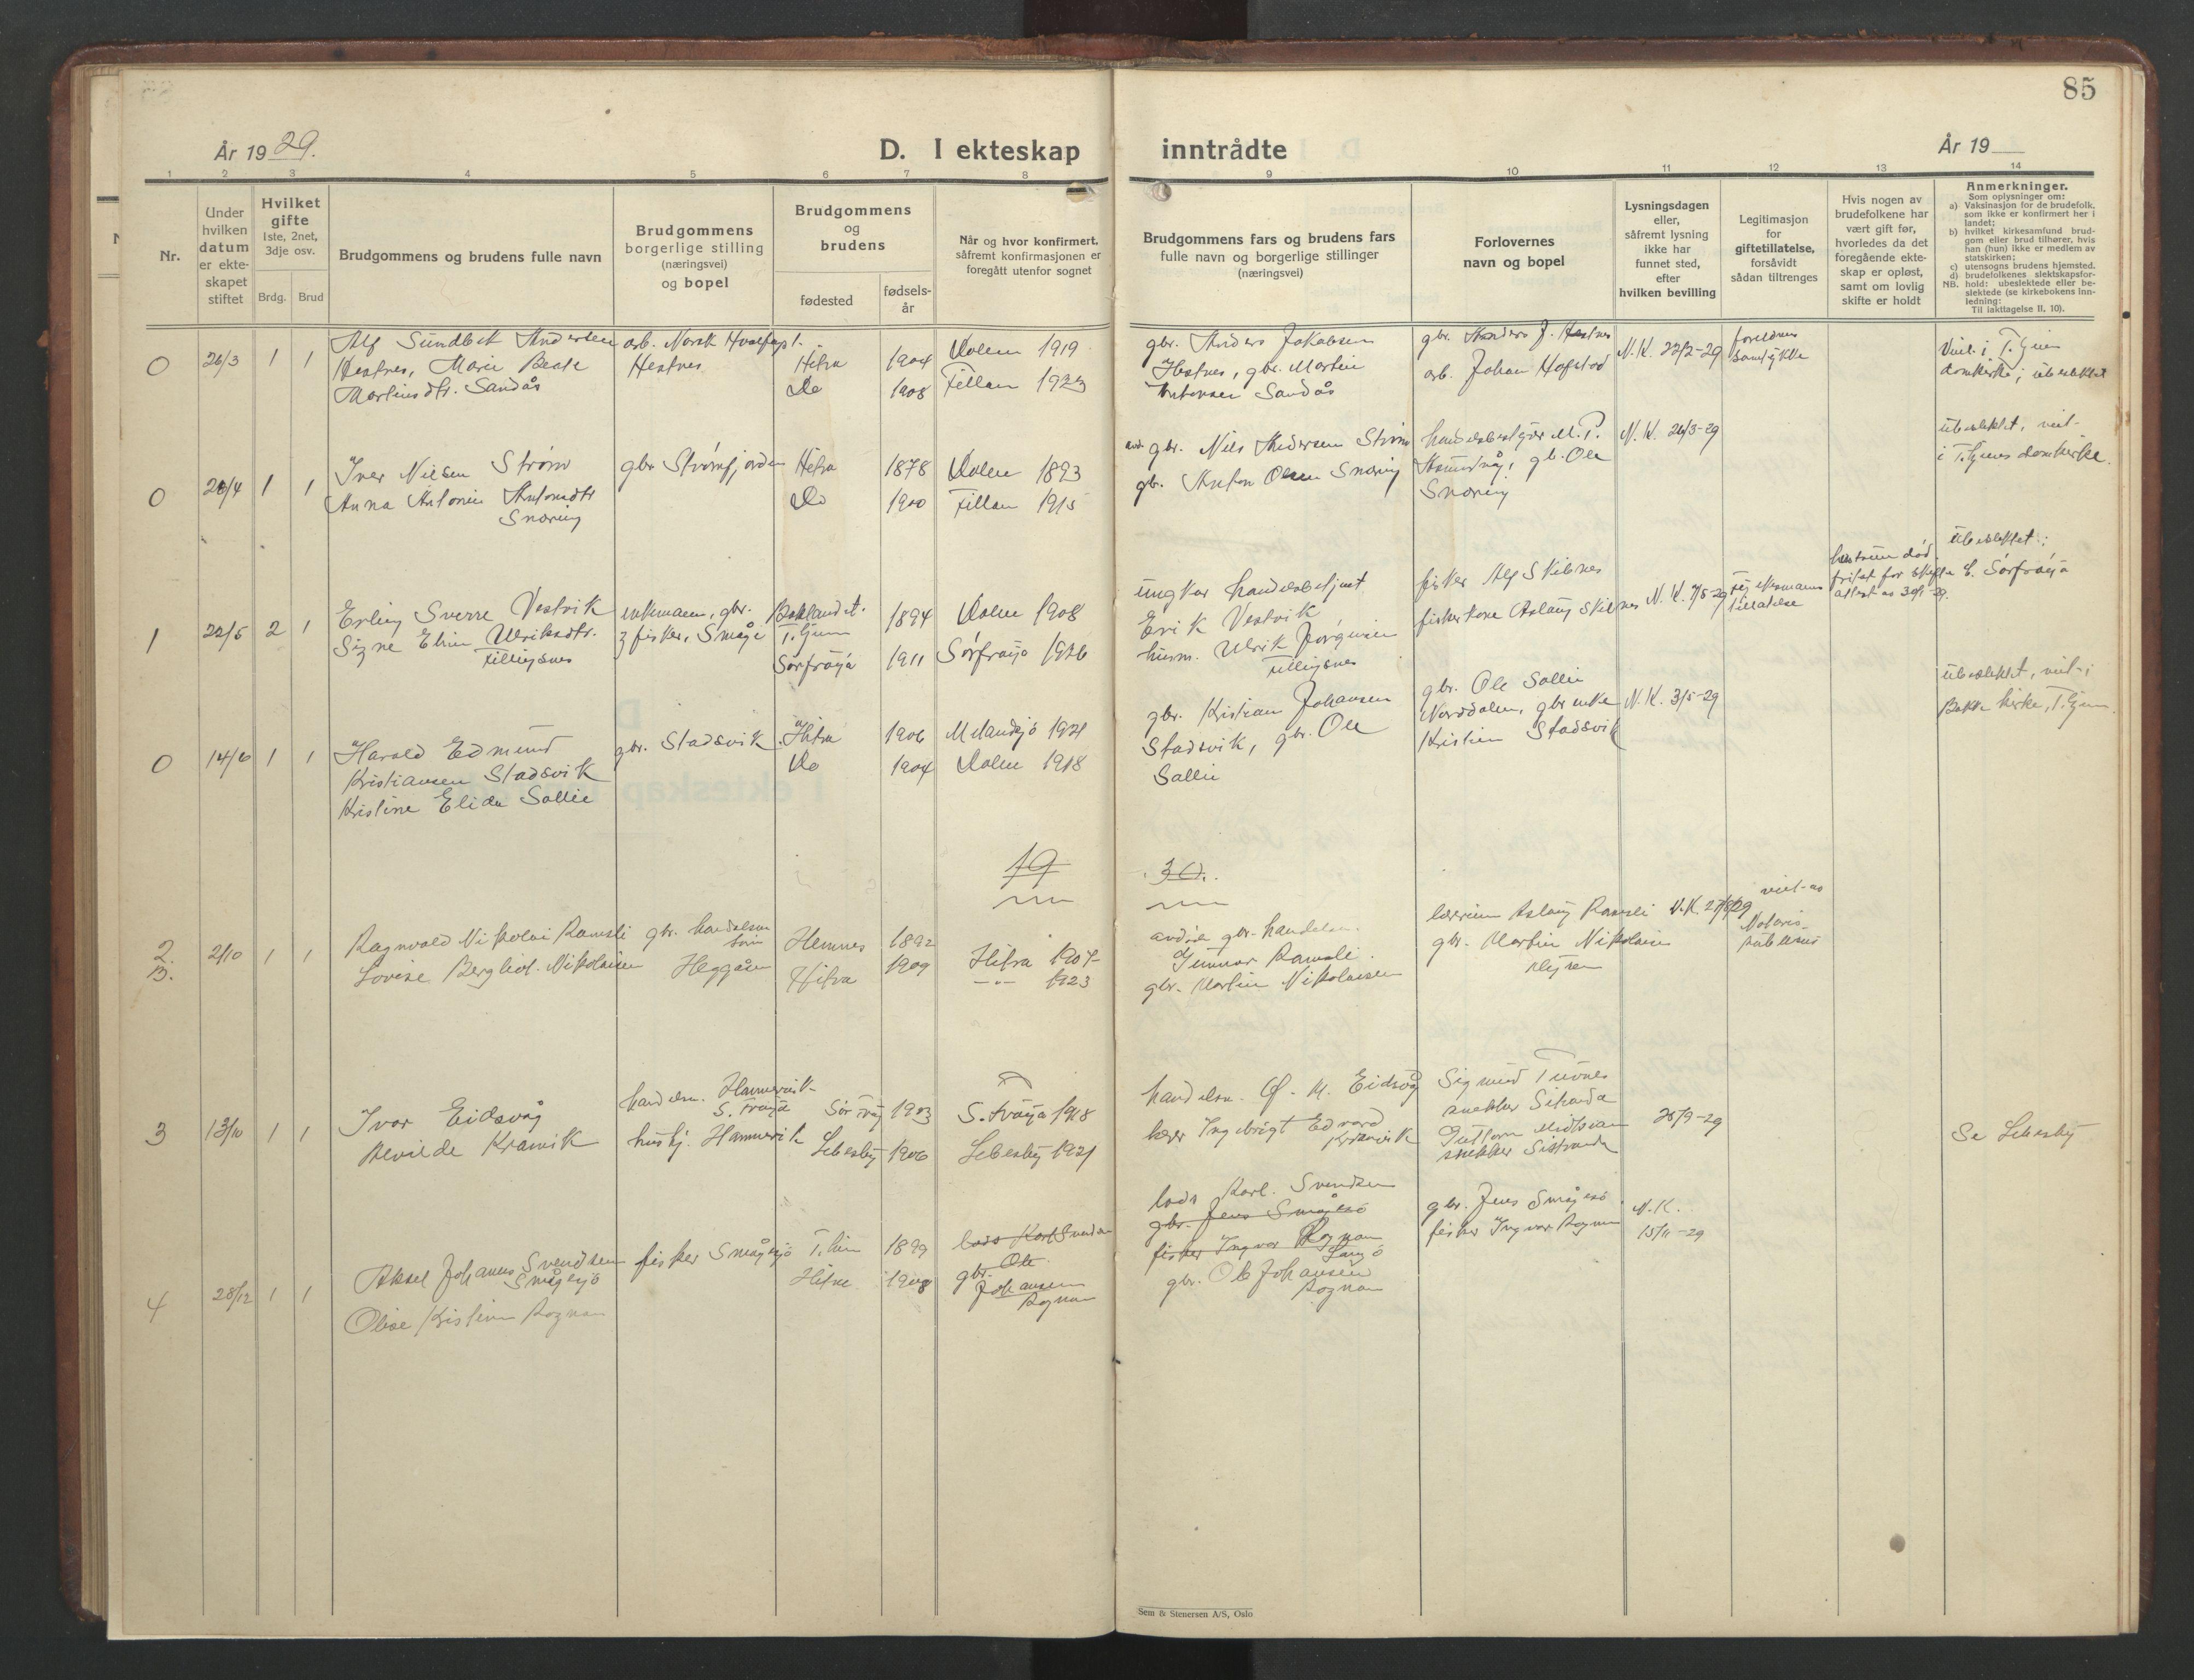 SAT, Ministerialprotokoller, klokkerbøker og fødselsregistre - Sør-Trøndelag, 634/L0544: Klokkerbok nr. 634C06, 1927-1948, s. 85